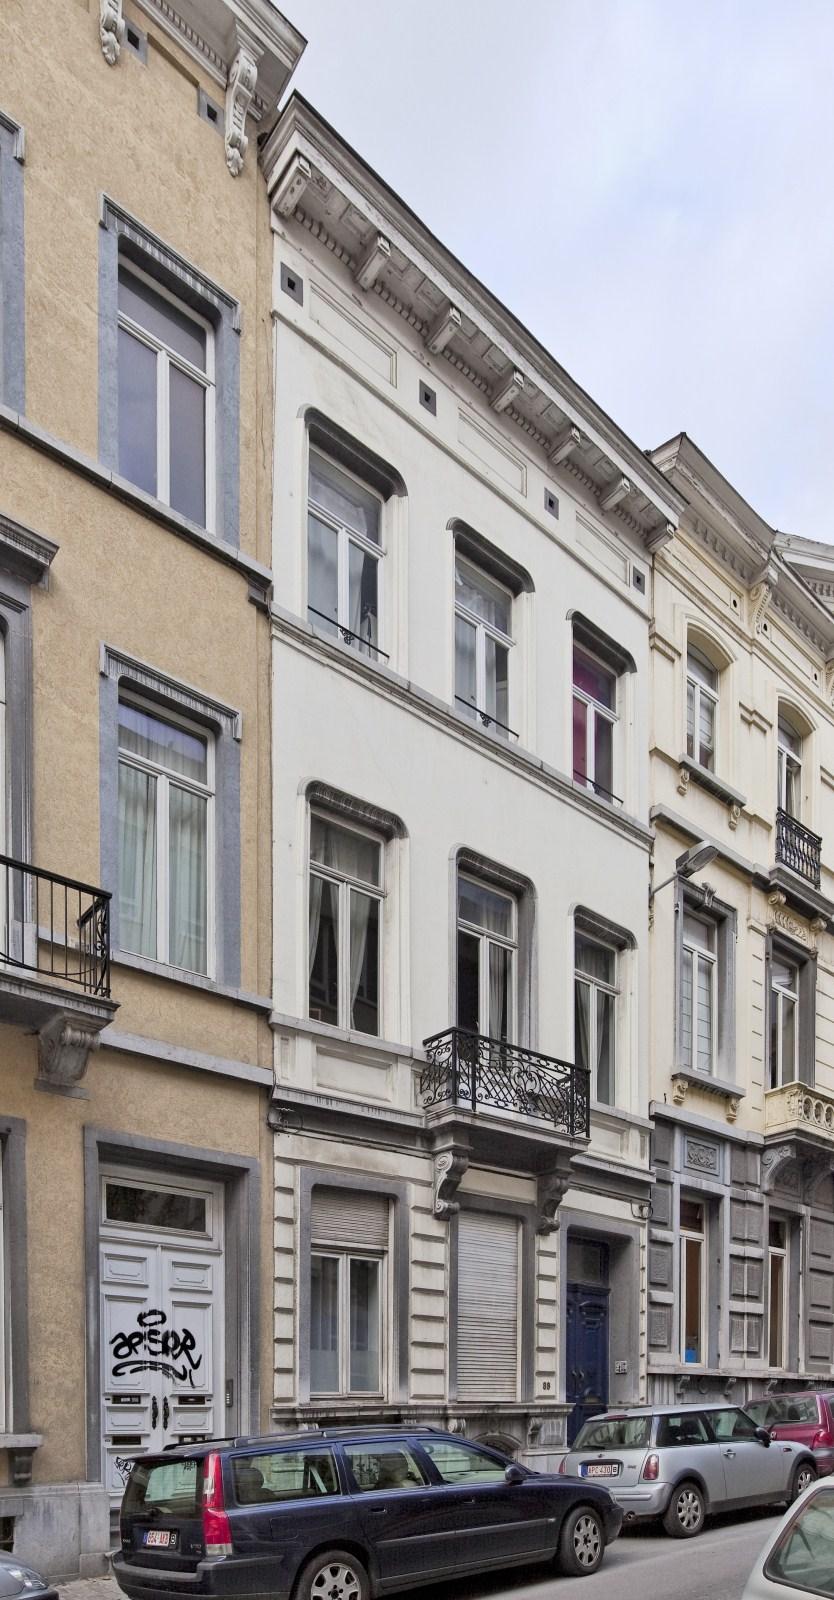 Rue du Prince Royal 89.© 2009 © bepictures / BRUNETTA V. – EBERLIN M.